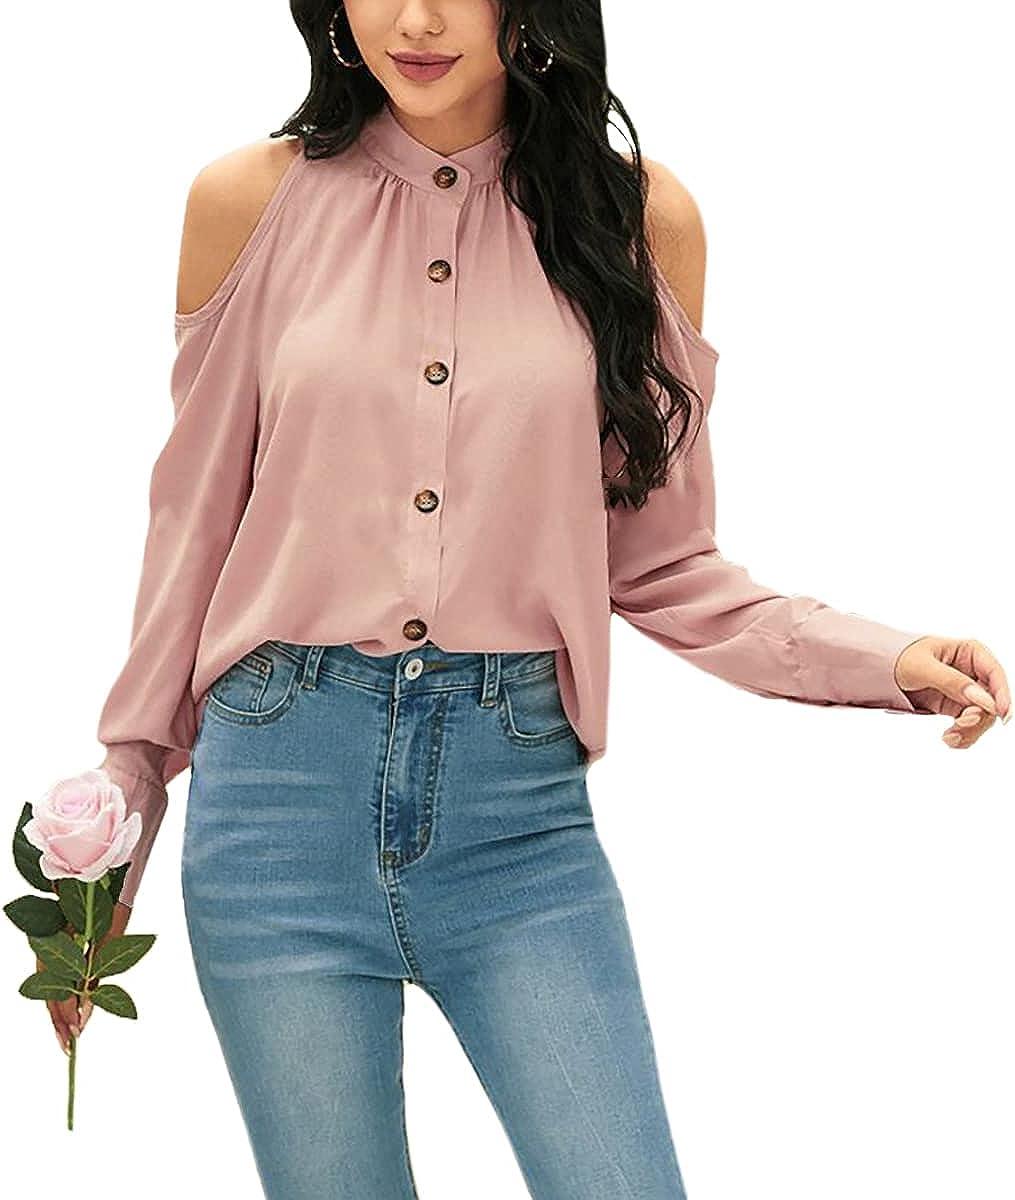 ZOCAVIA Women Halter Tops Cold Shoulder Nine Quarter Bell Sleeve Crossed Neck Blouse Solid Color Off Shoulder Tunic Shirts